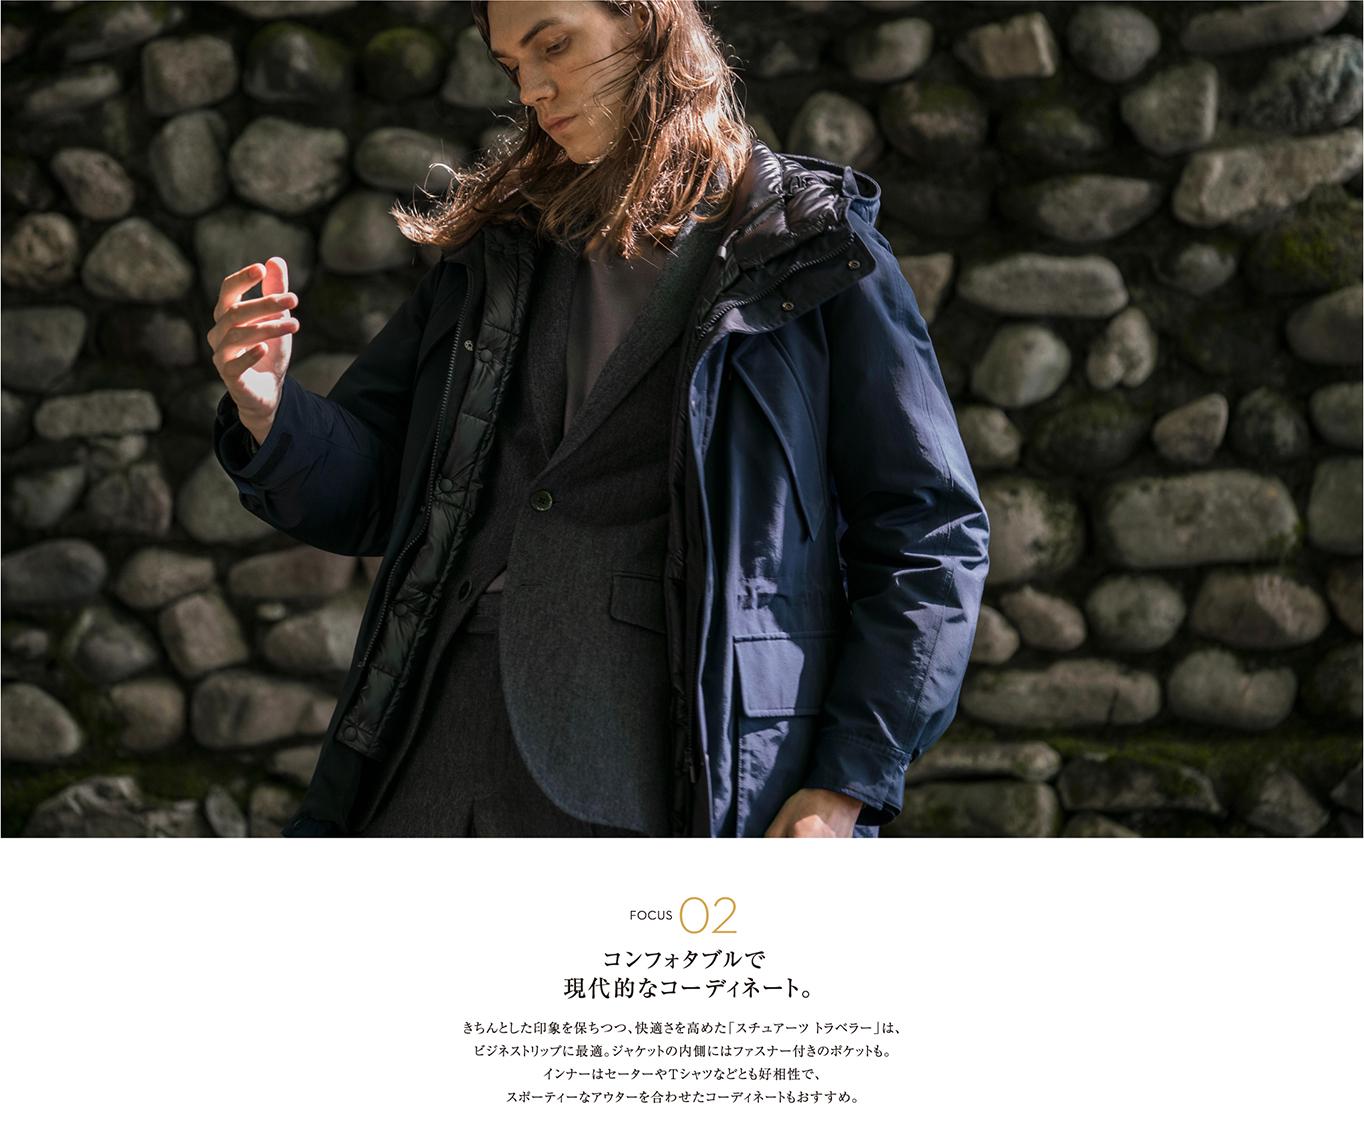 FOCUS 02 コンフォタブルで現代的なコーディネート。 きちんとした印象を保ちつつ、快適さを高めた「スチュアーツ トラベラー」は、ビジネストリップに最適。ジャケットの内側にはファスナー付きのポケットも。インナーはセーターやTシャツなどとも好相性で、スポーティーなアウターを合わせたコーディネートもおすすめ。